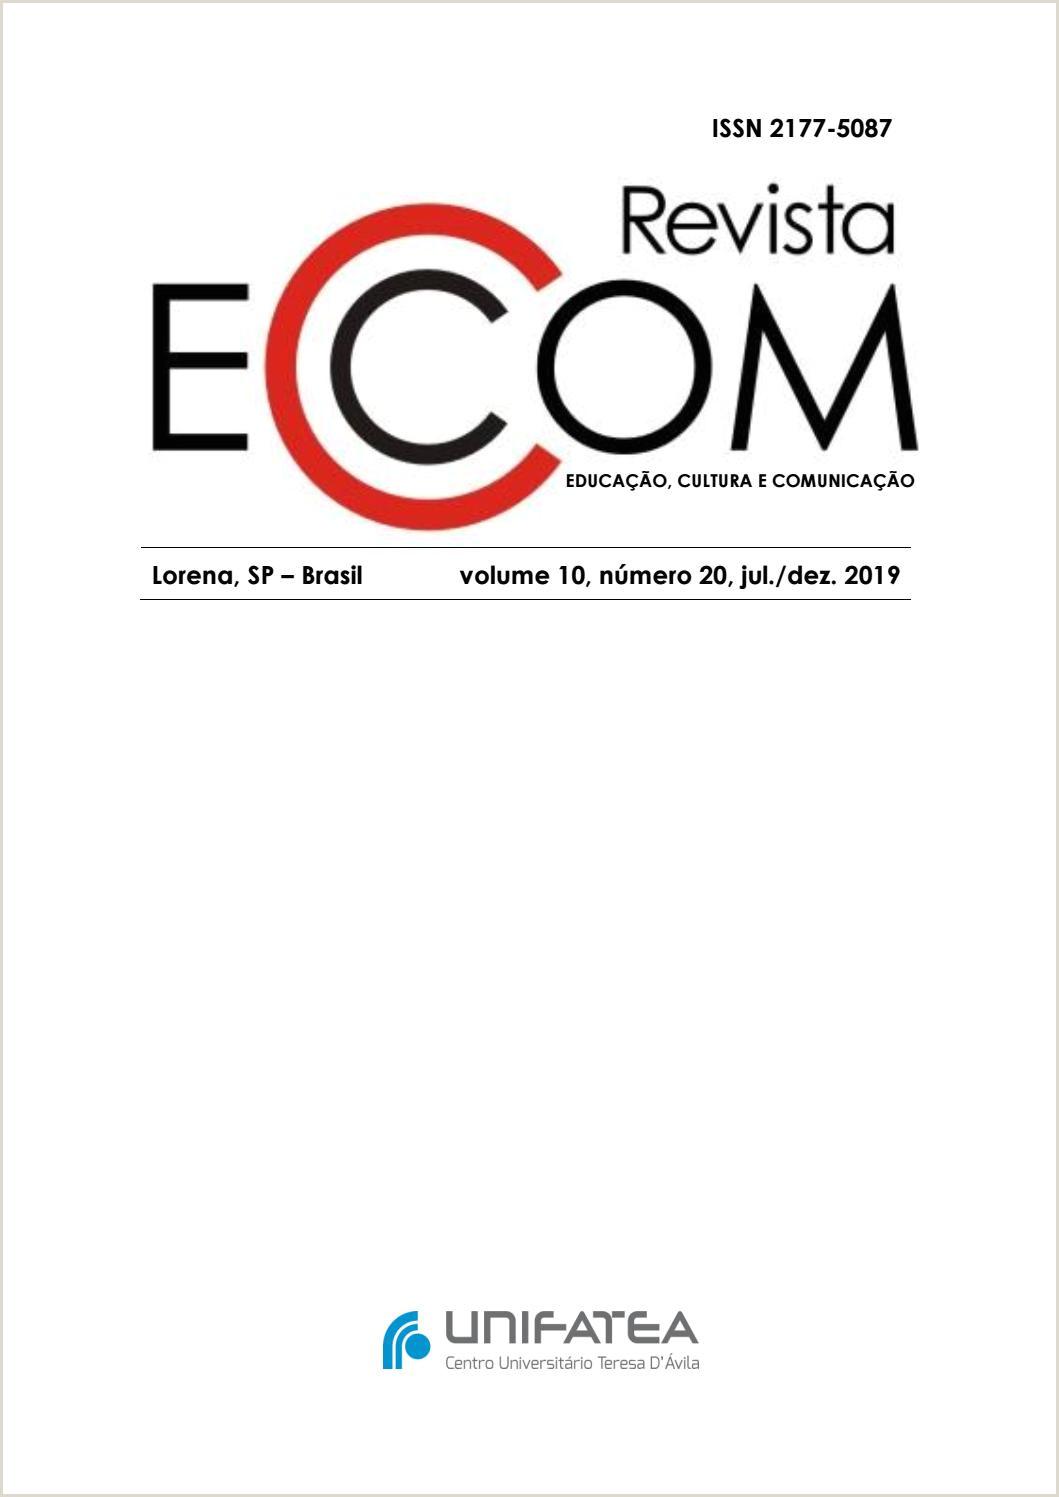 Curriculo Simples Para Baixar Ec 20 – Revista De Educa§£o Cultura E Unica§£o by